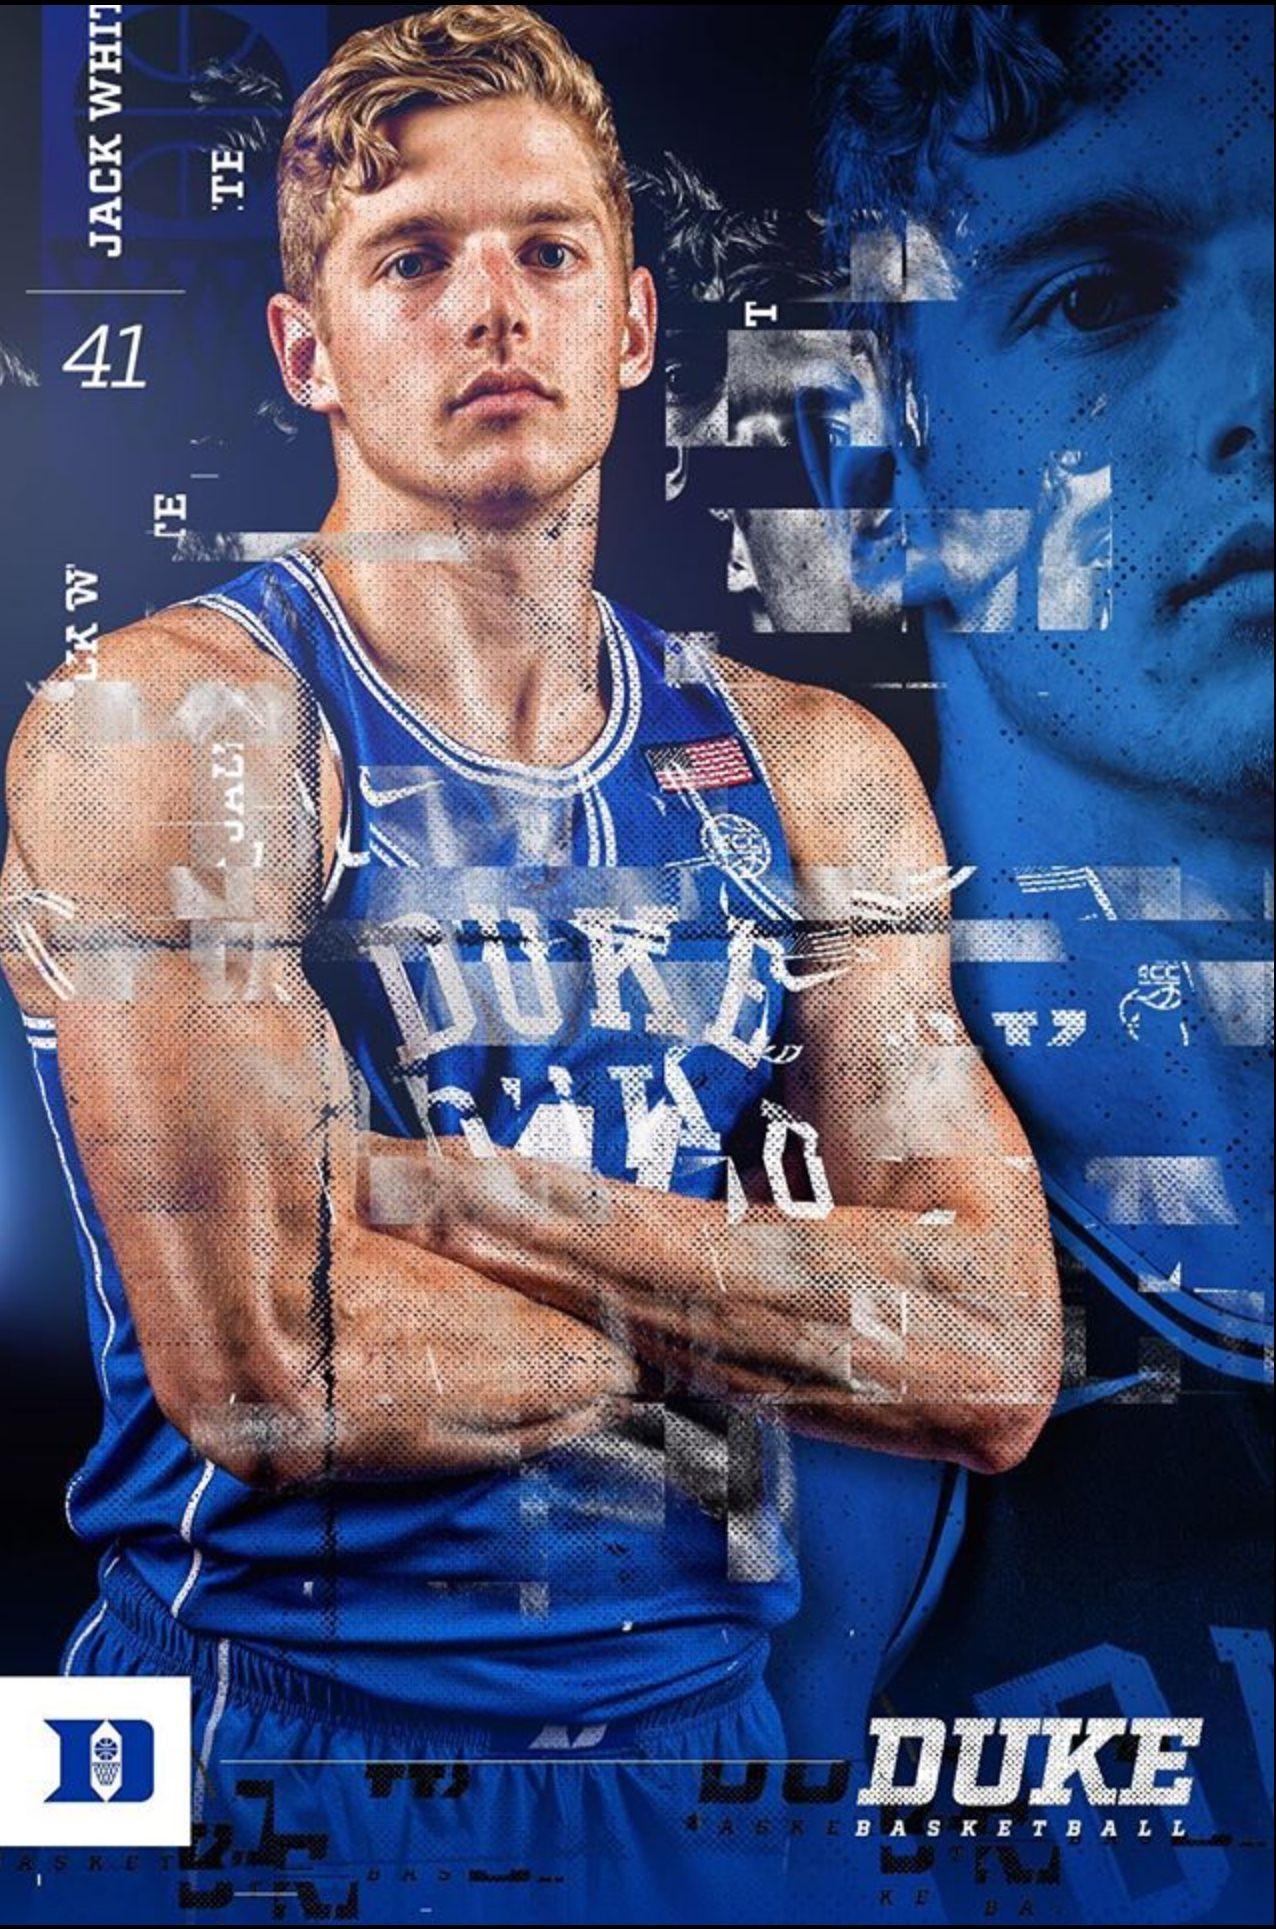 Jack White Duke Basketball (With images) Duke blue